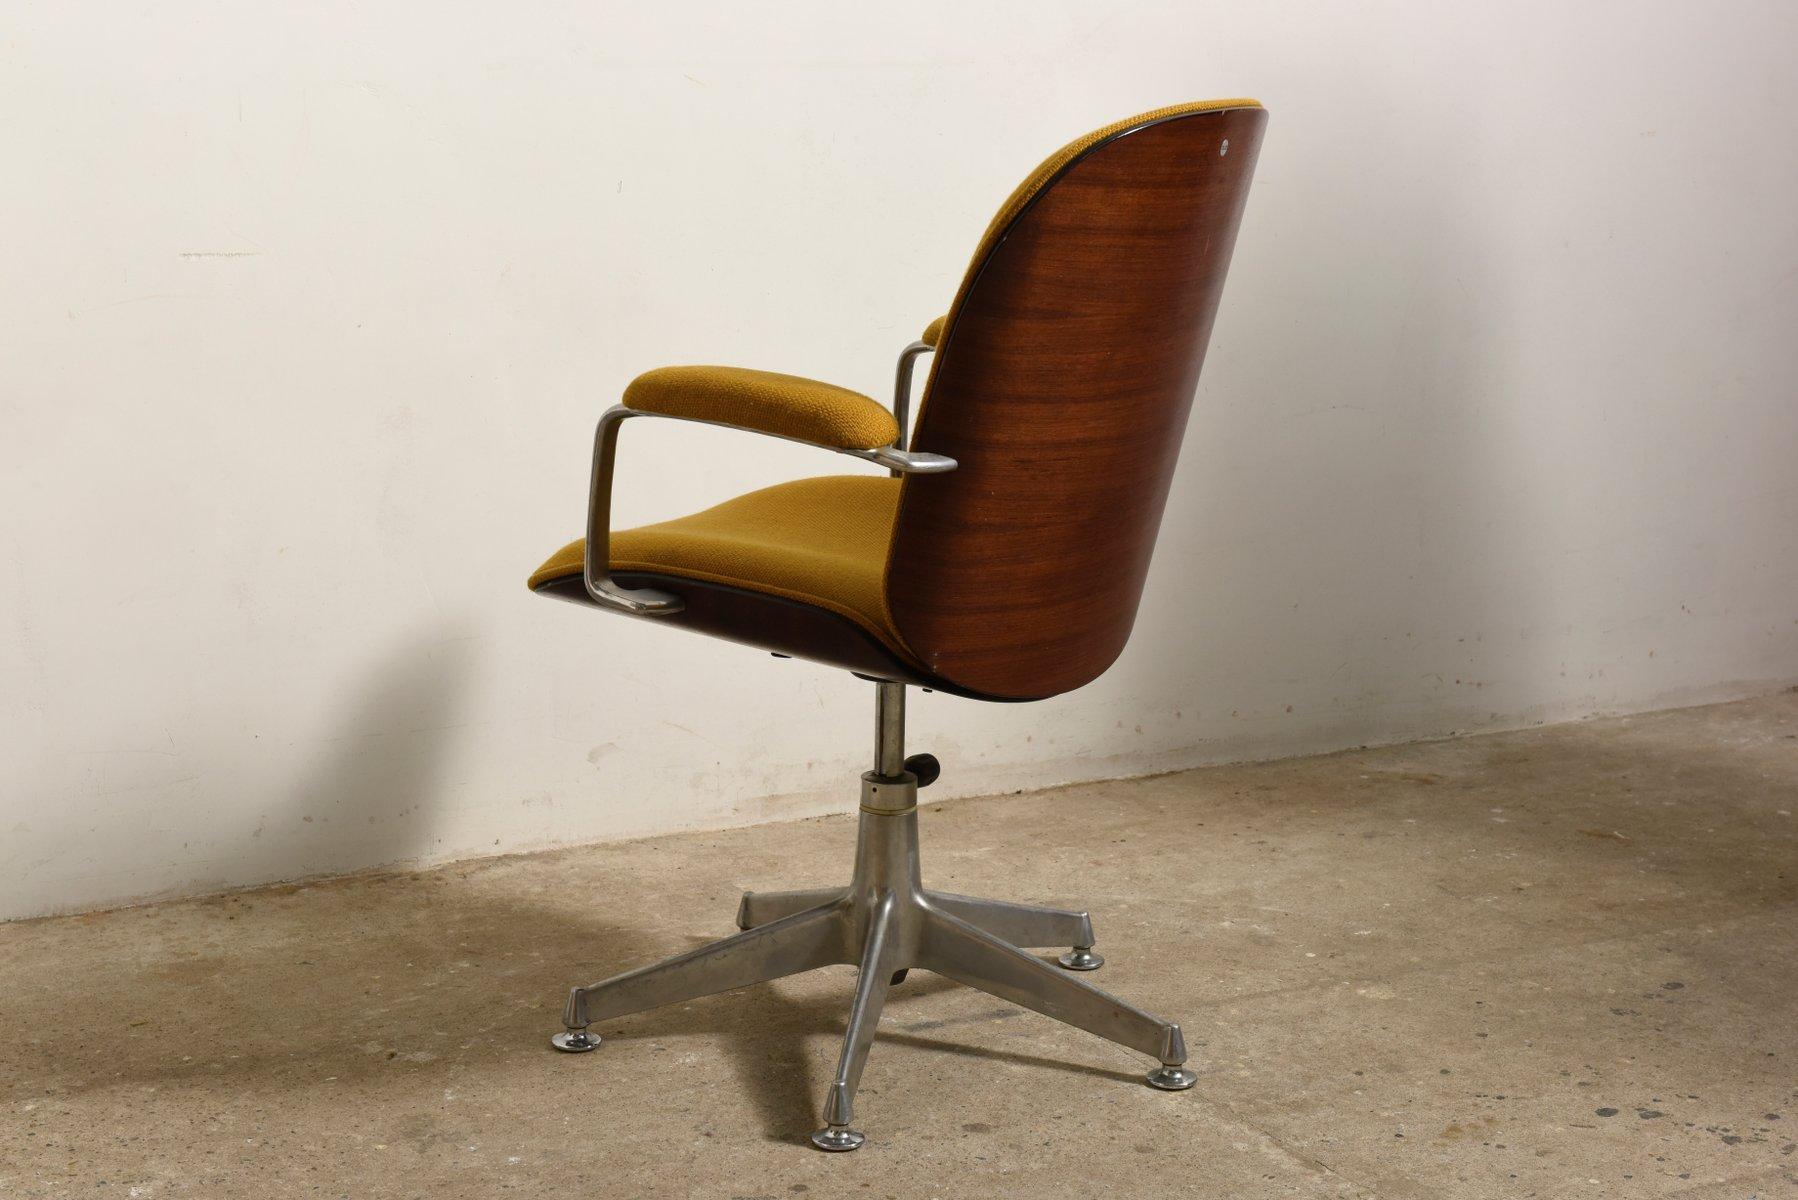 Sedie Girevoli Da Ufficio : Sedia da ufficio girevole terni con braccioli di ico luisa